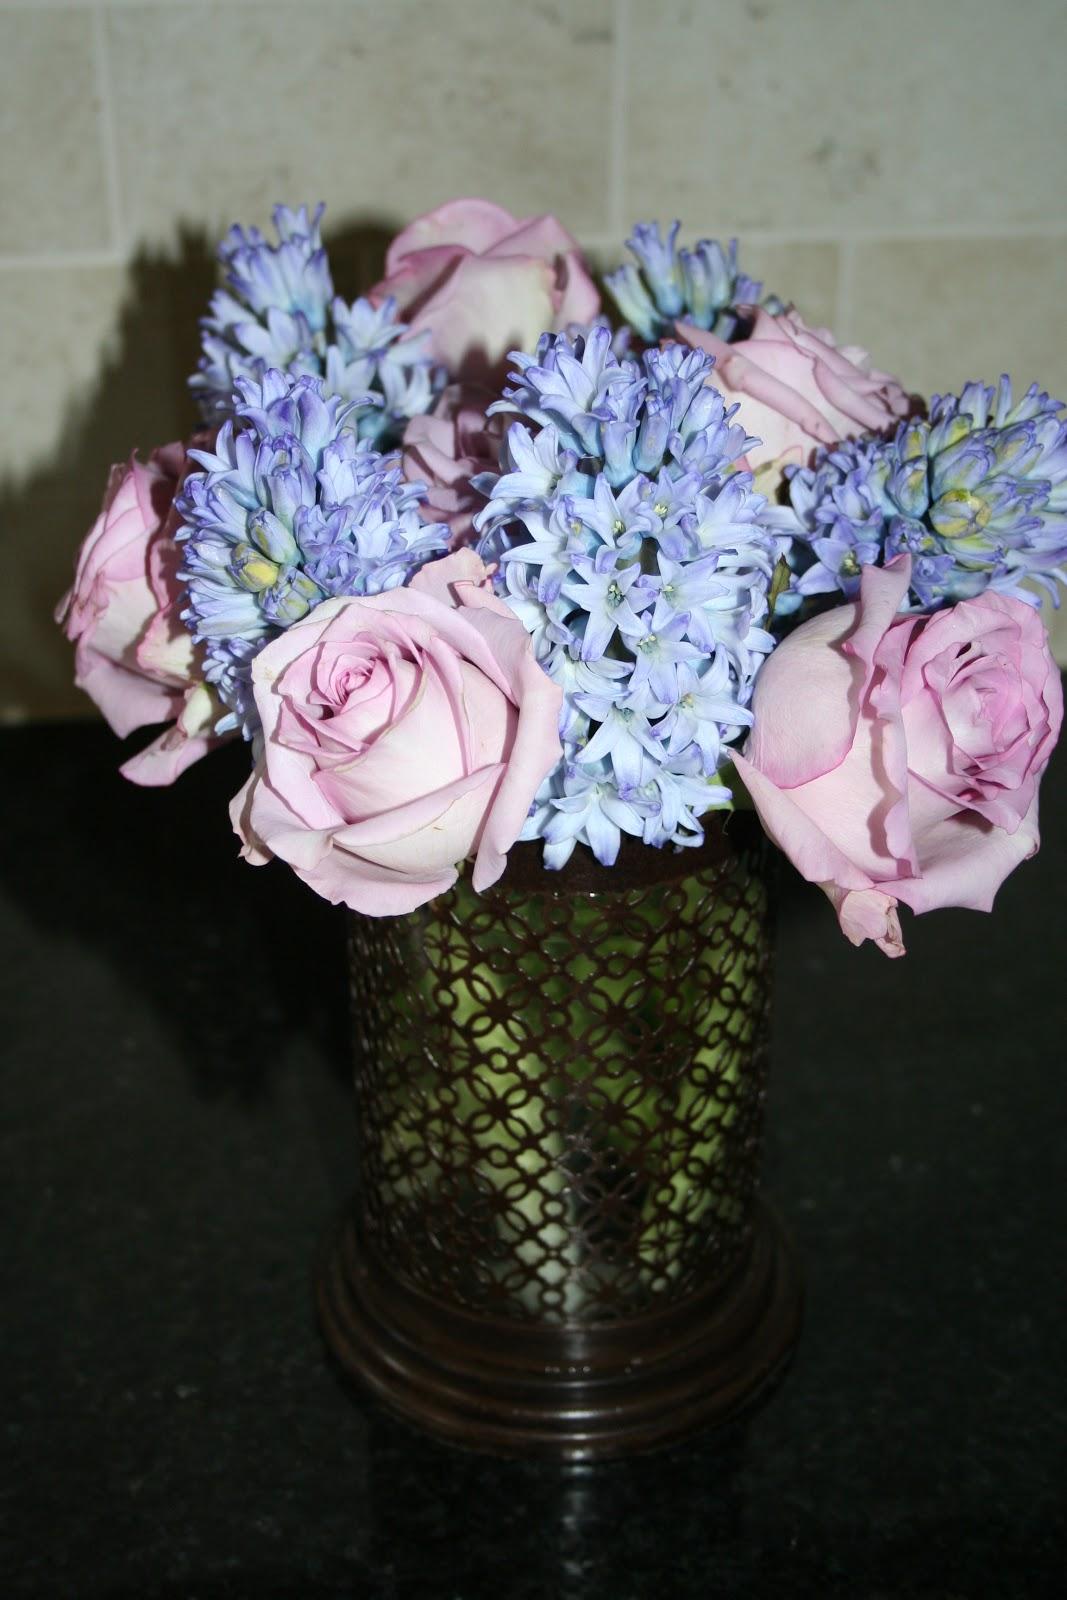 Unforgettable Floral: Purple and Blue flower arrangements